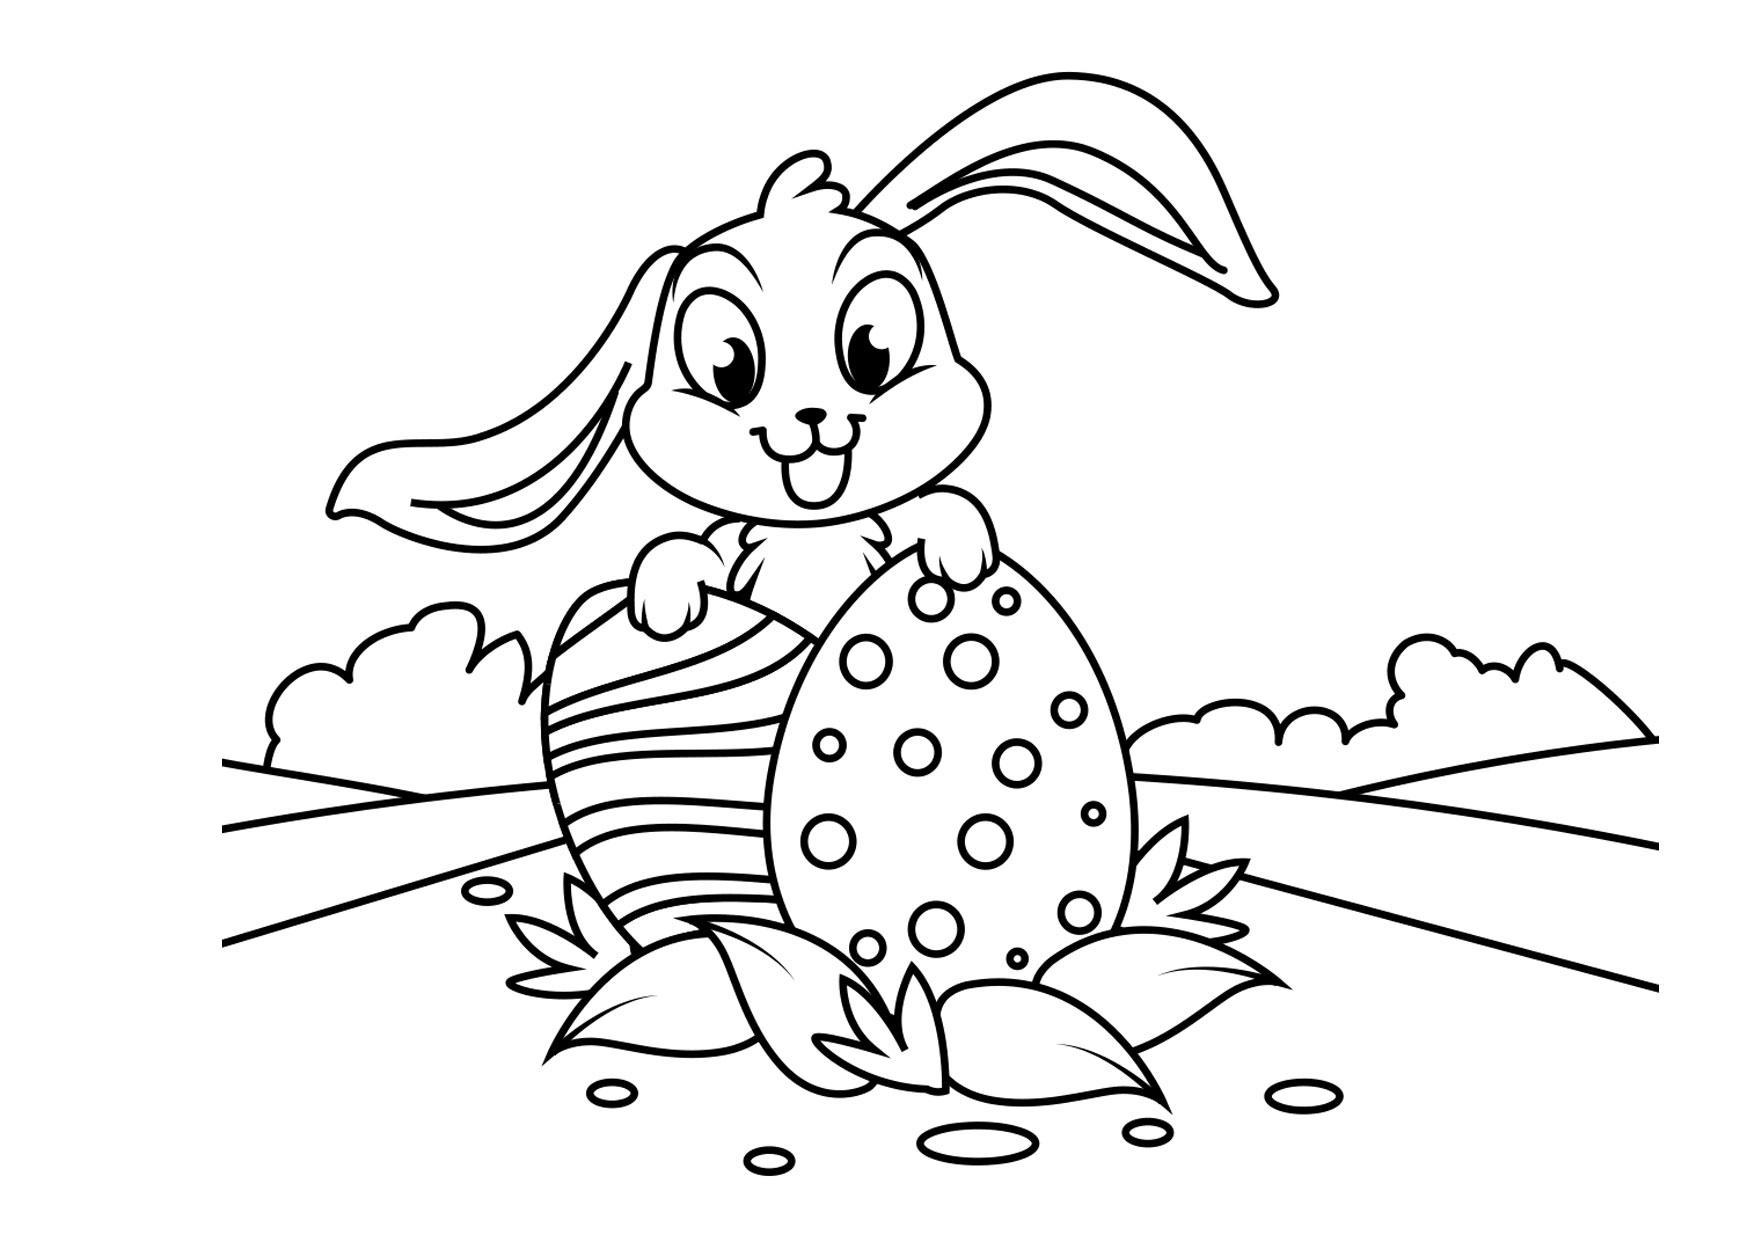 Malvorlage Osterhase mit Ostereiern - Kostenlose